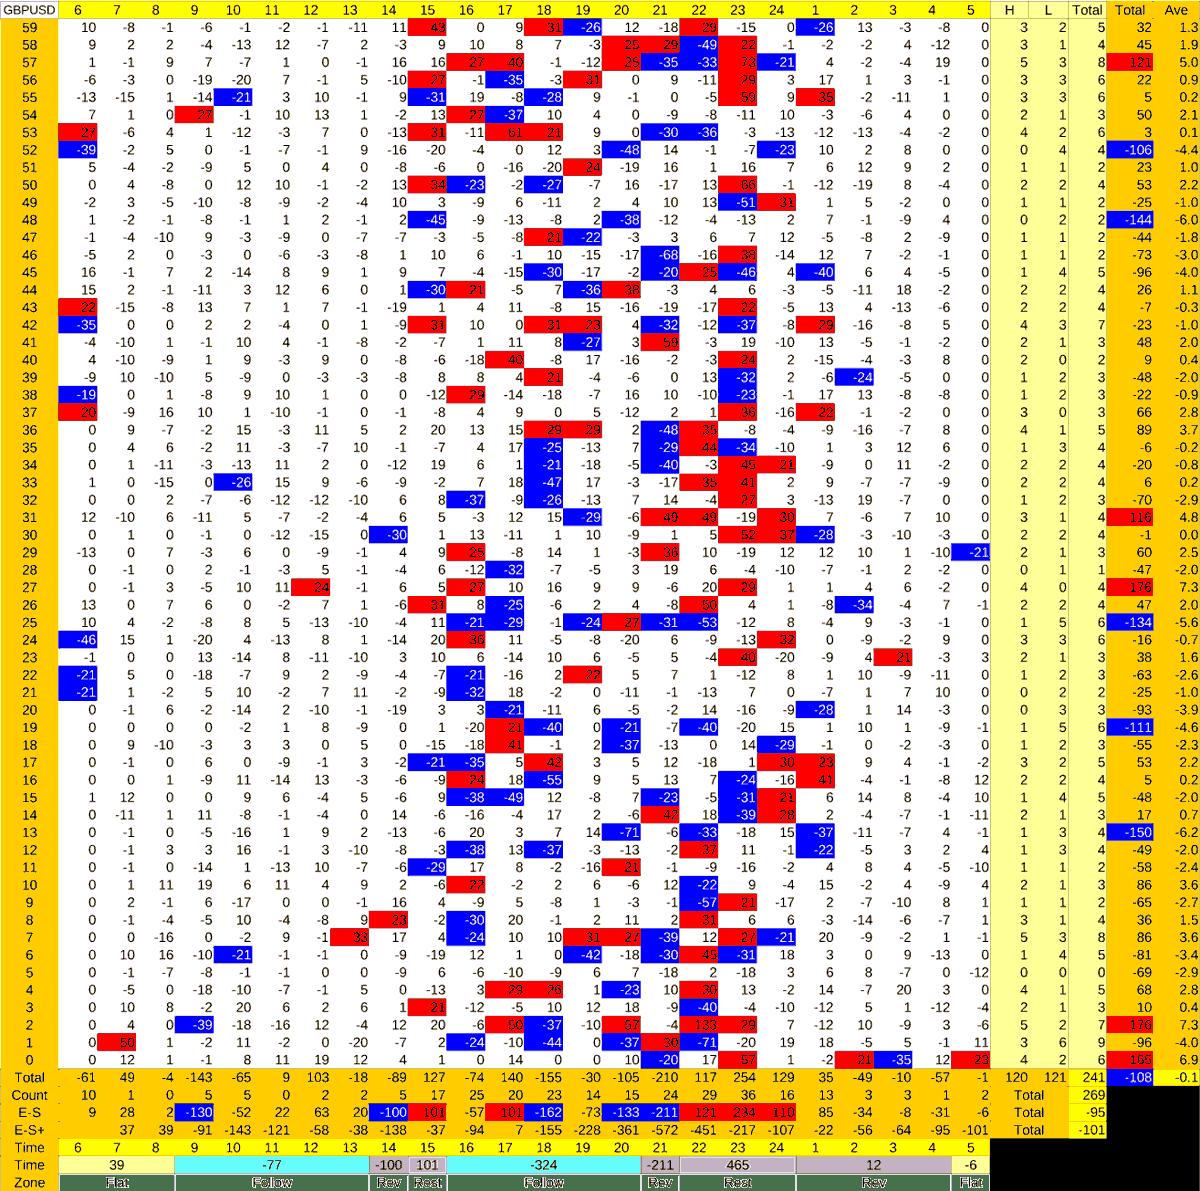 20210528_HS(2)GBPUSD